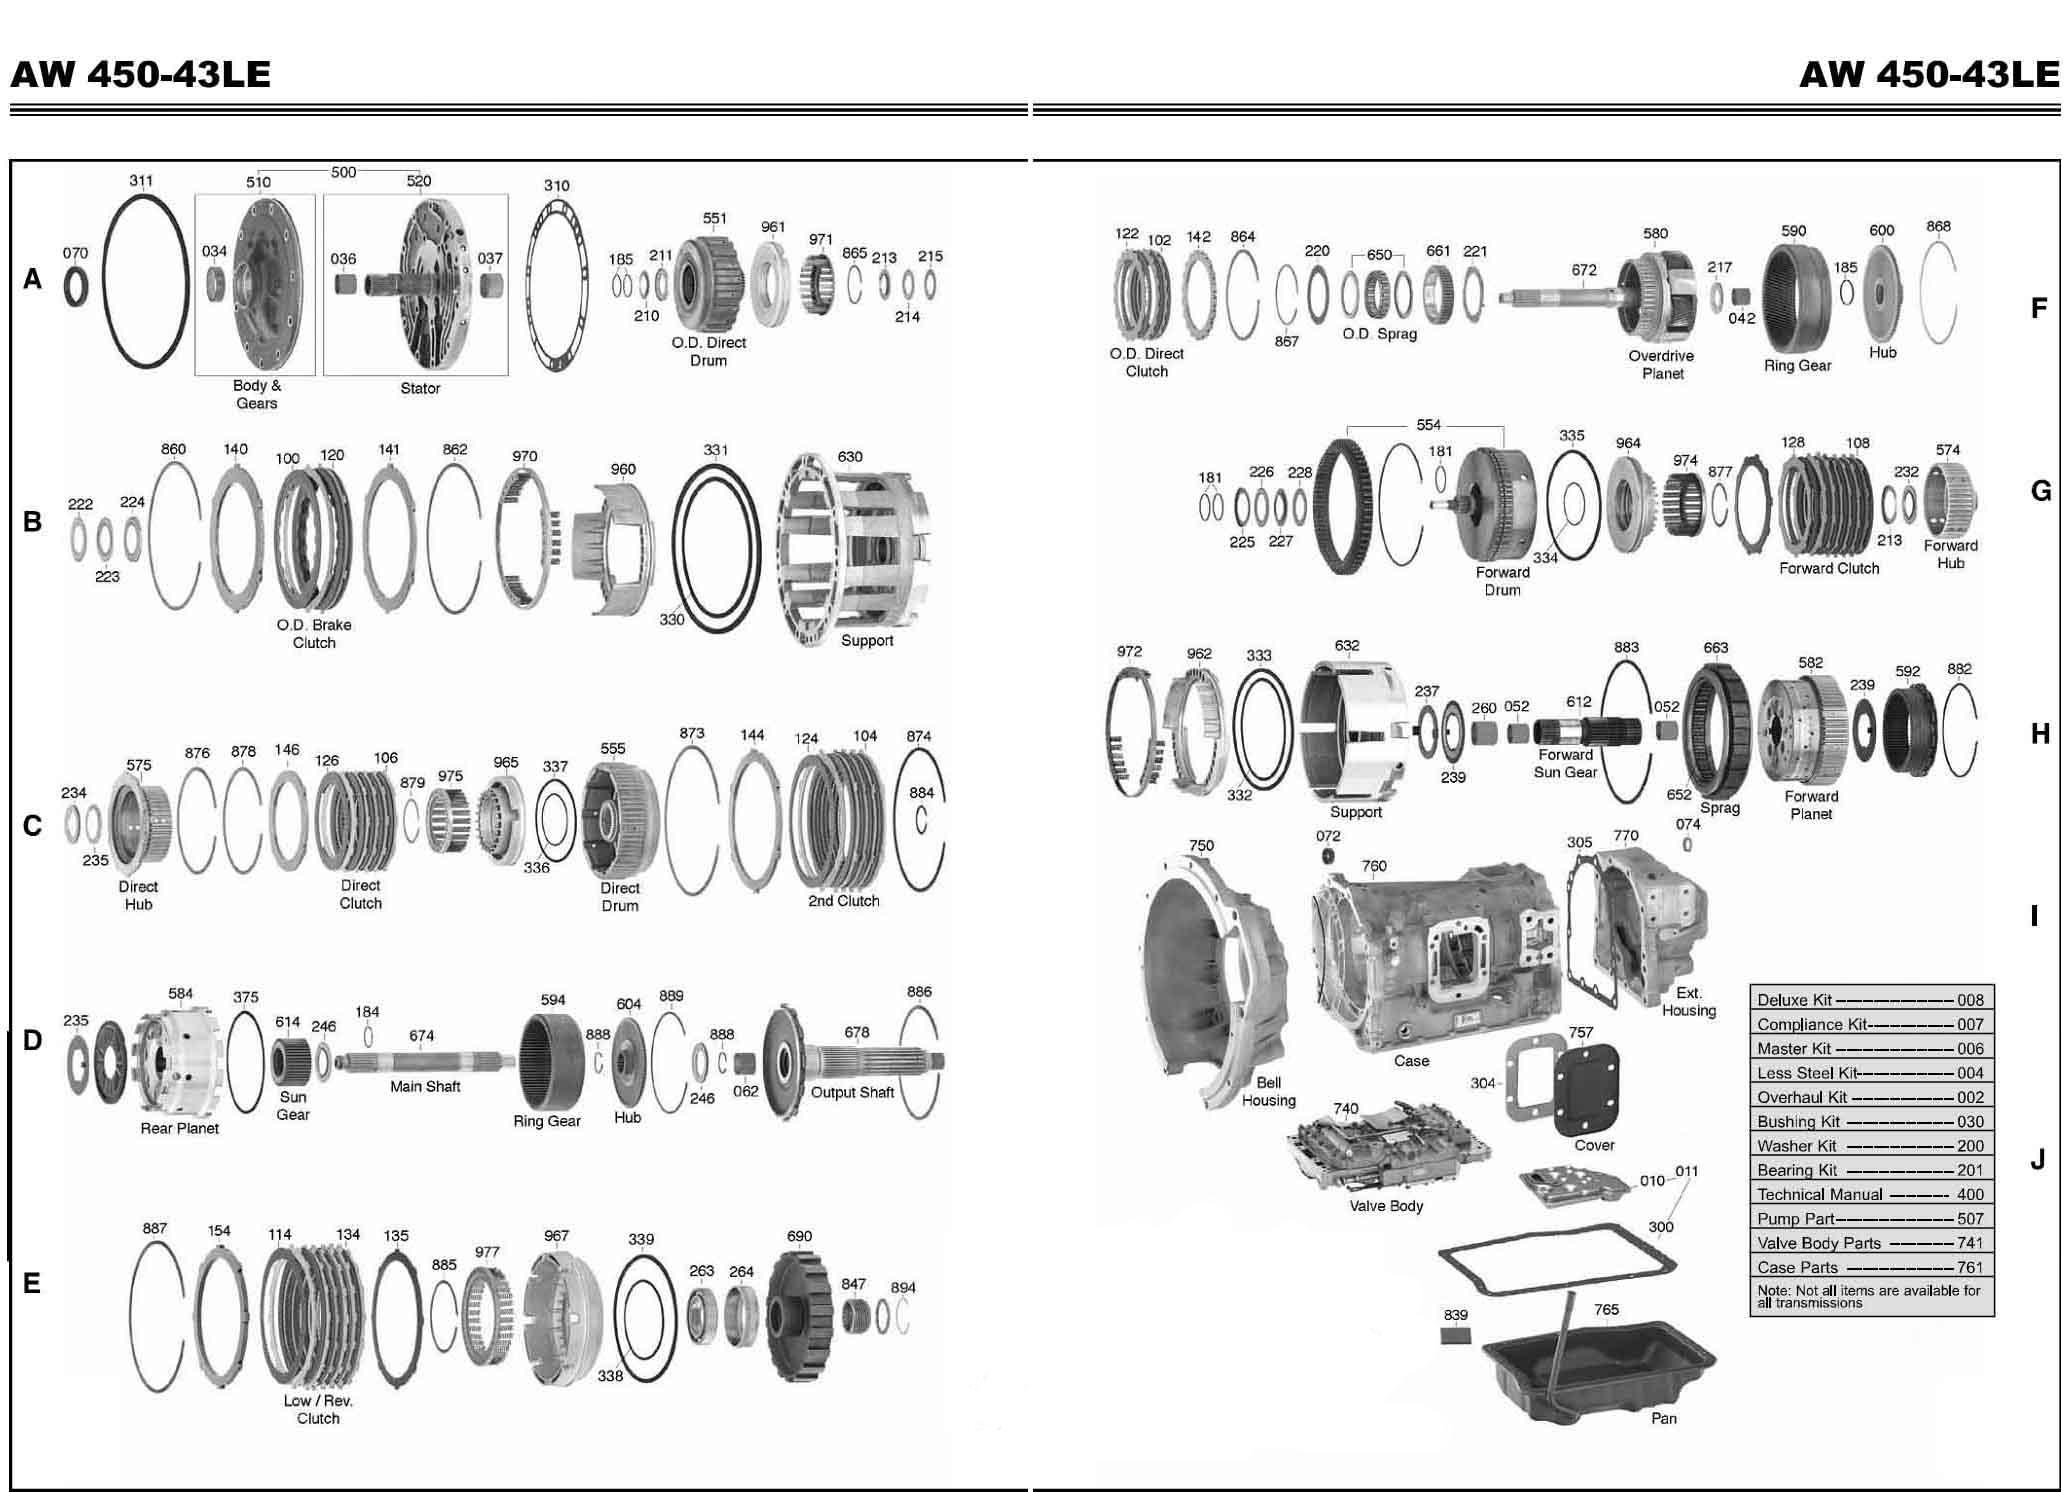 Руководство акпп AW 450-43LE